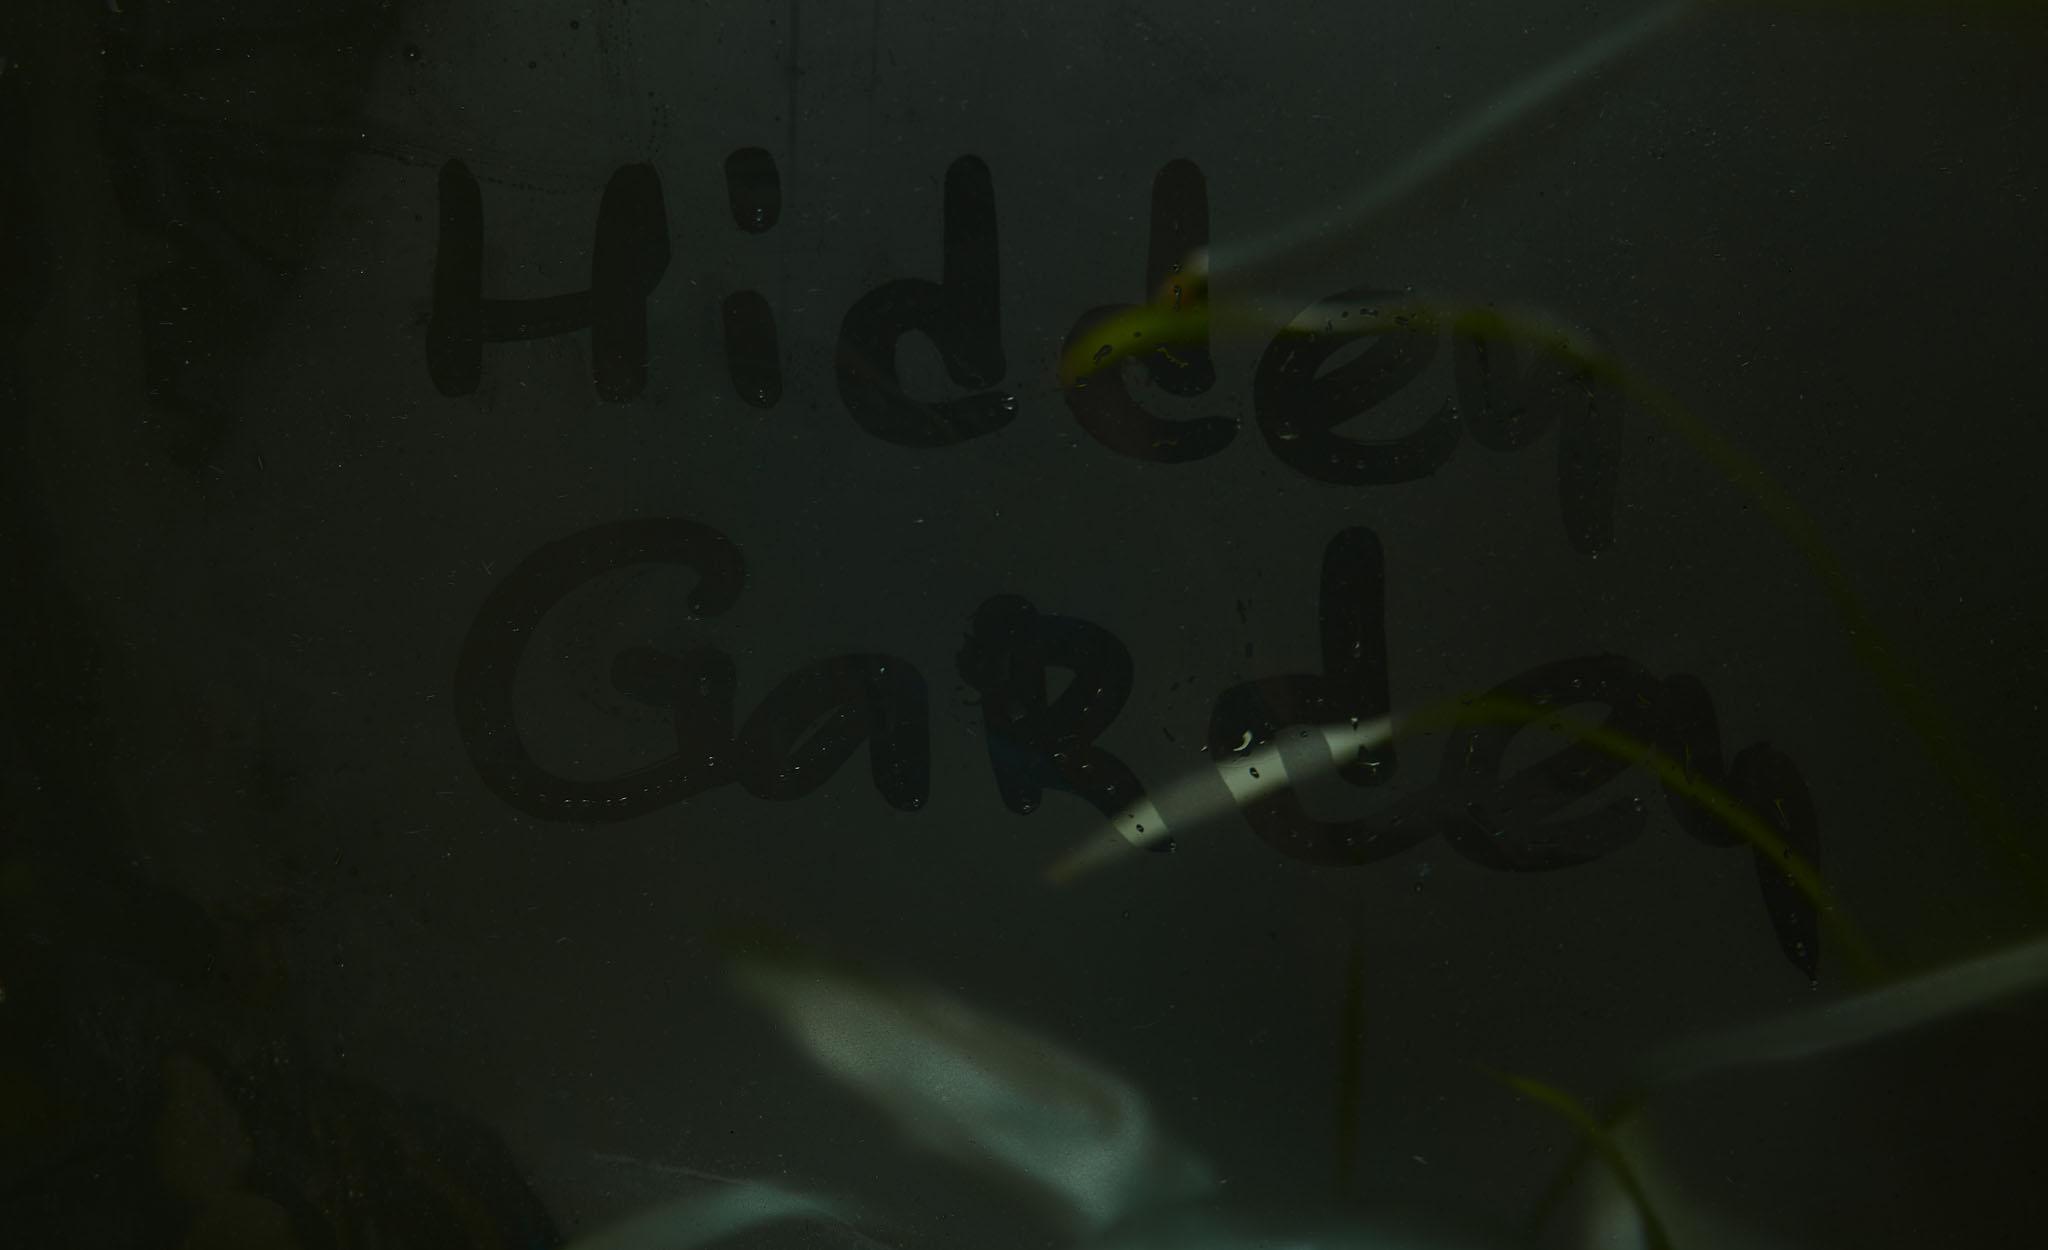 000_hidden_garden_evgeniy_sorbo.jpg